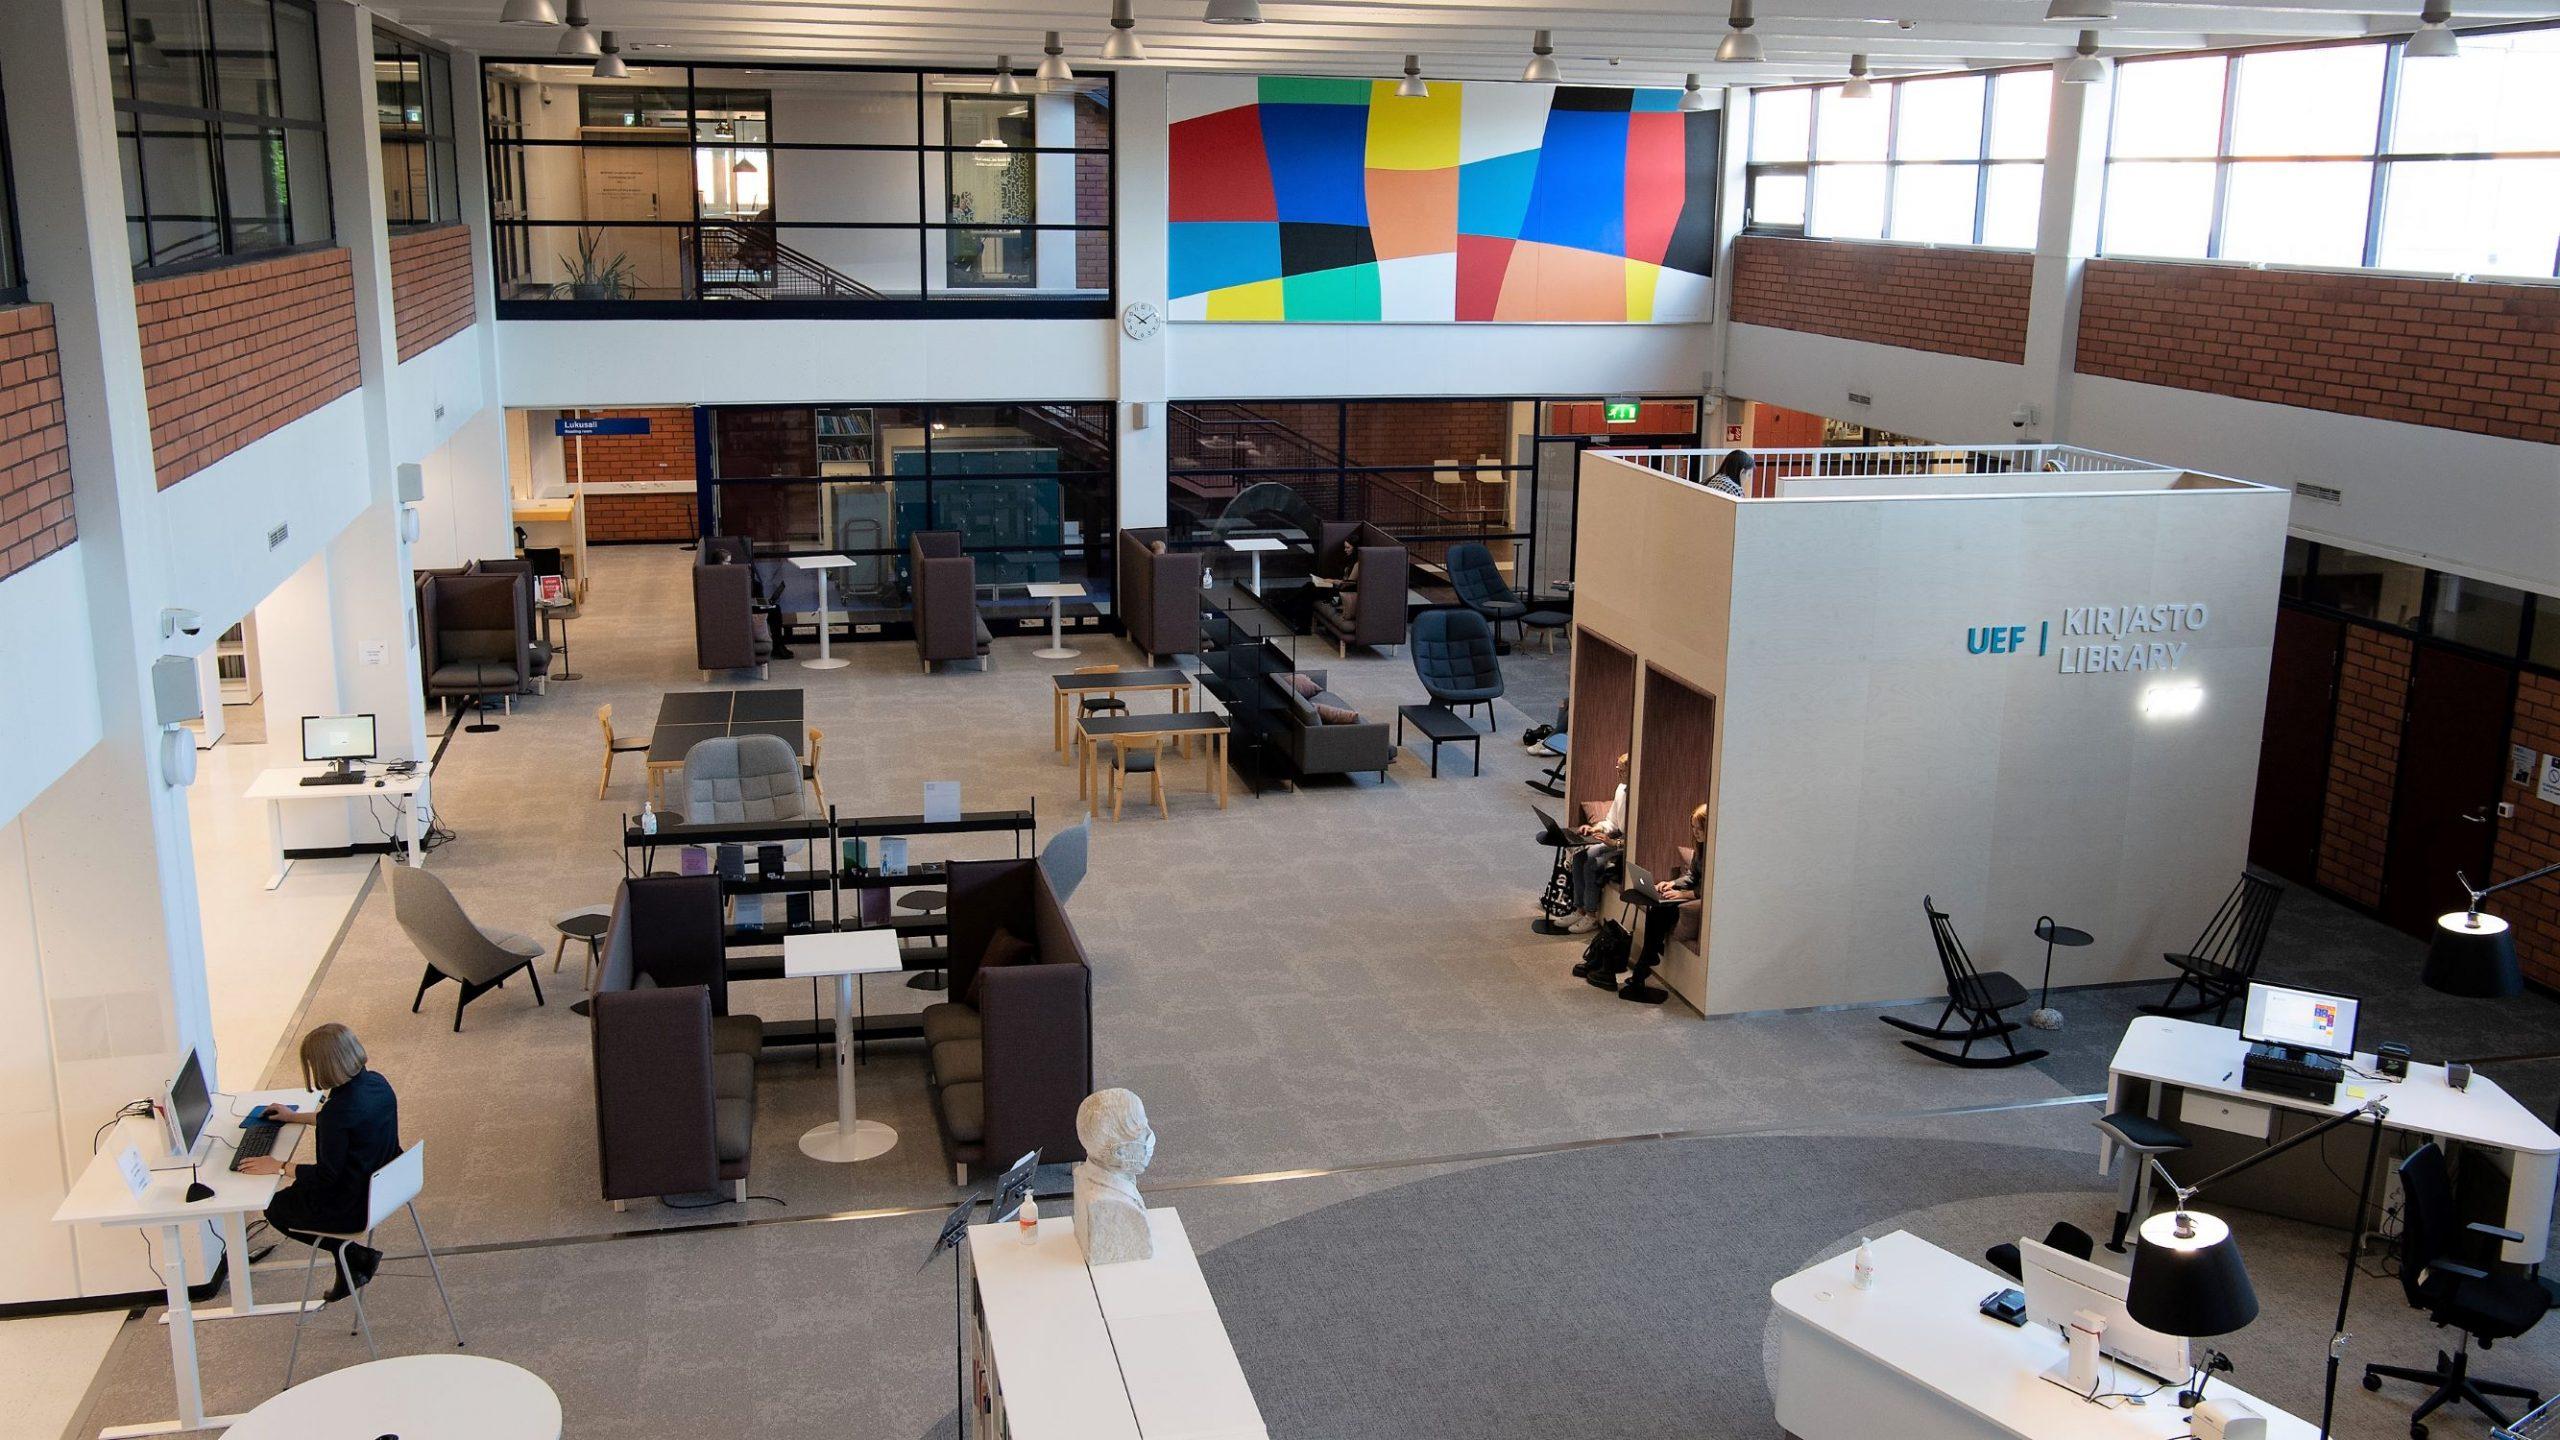 Kirjasto kuvattuna yläviistosta. Huonekaluja, lattiaa, seiniä, taidetta, ihmisiä. Library seen from above: furniture, floor, walls, art, people.